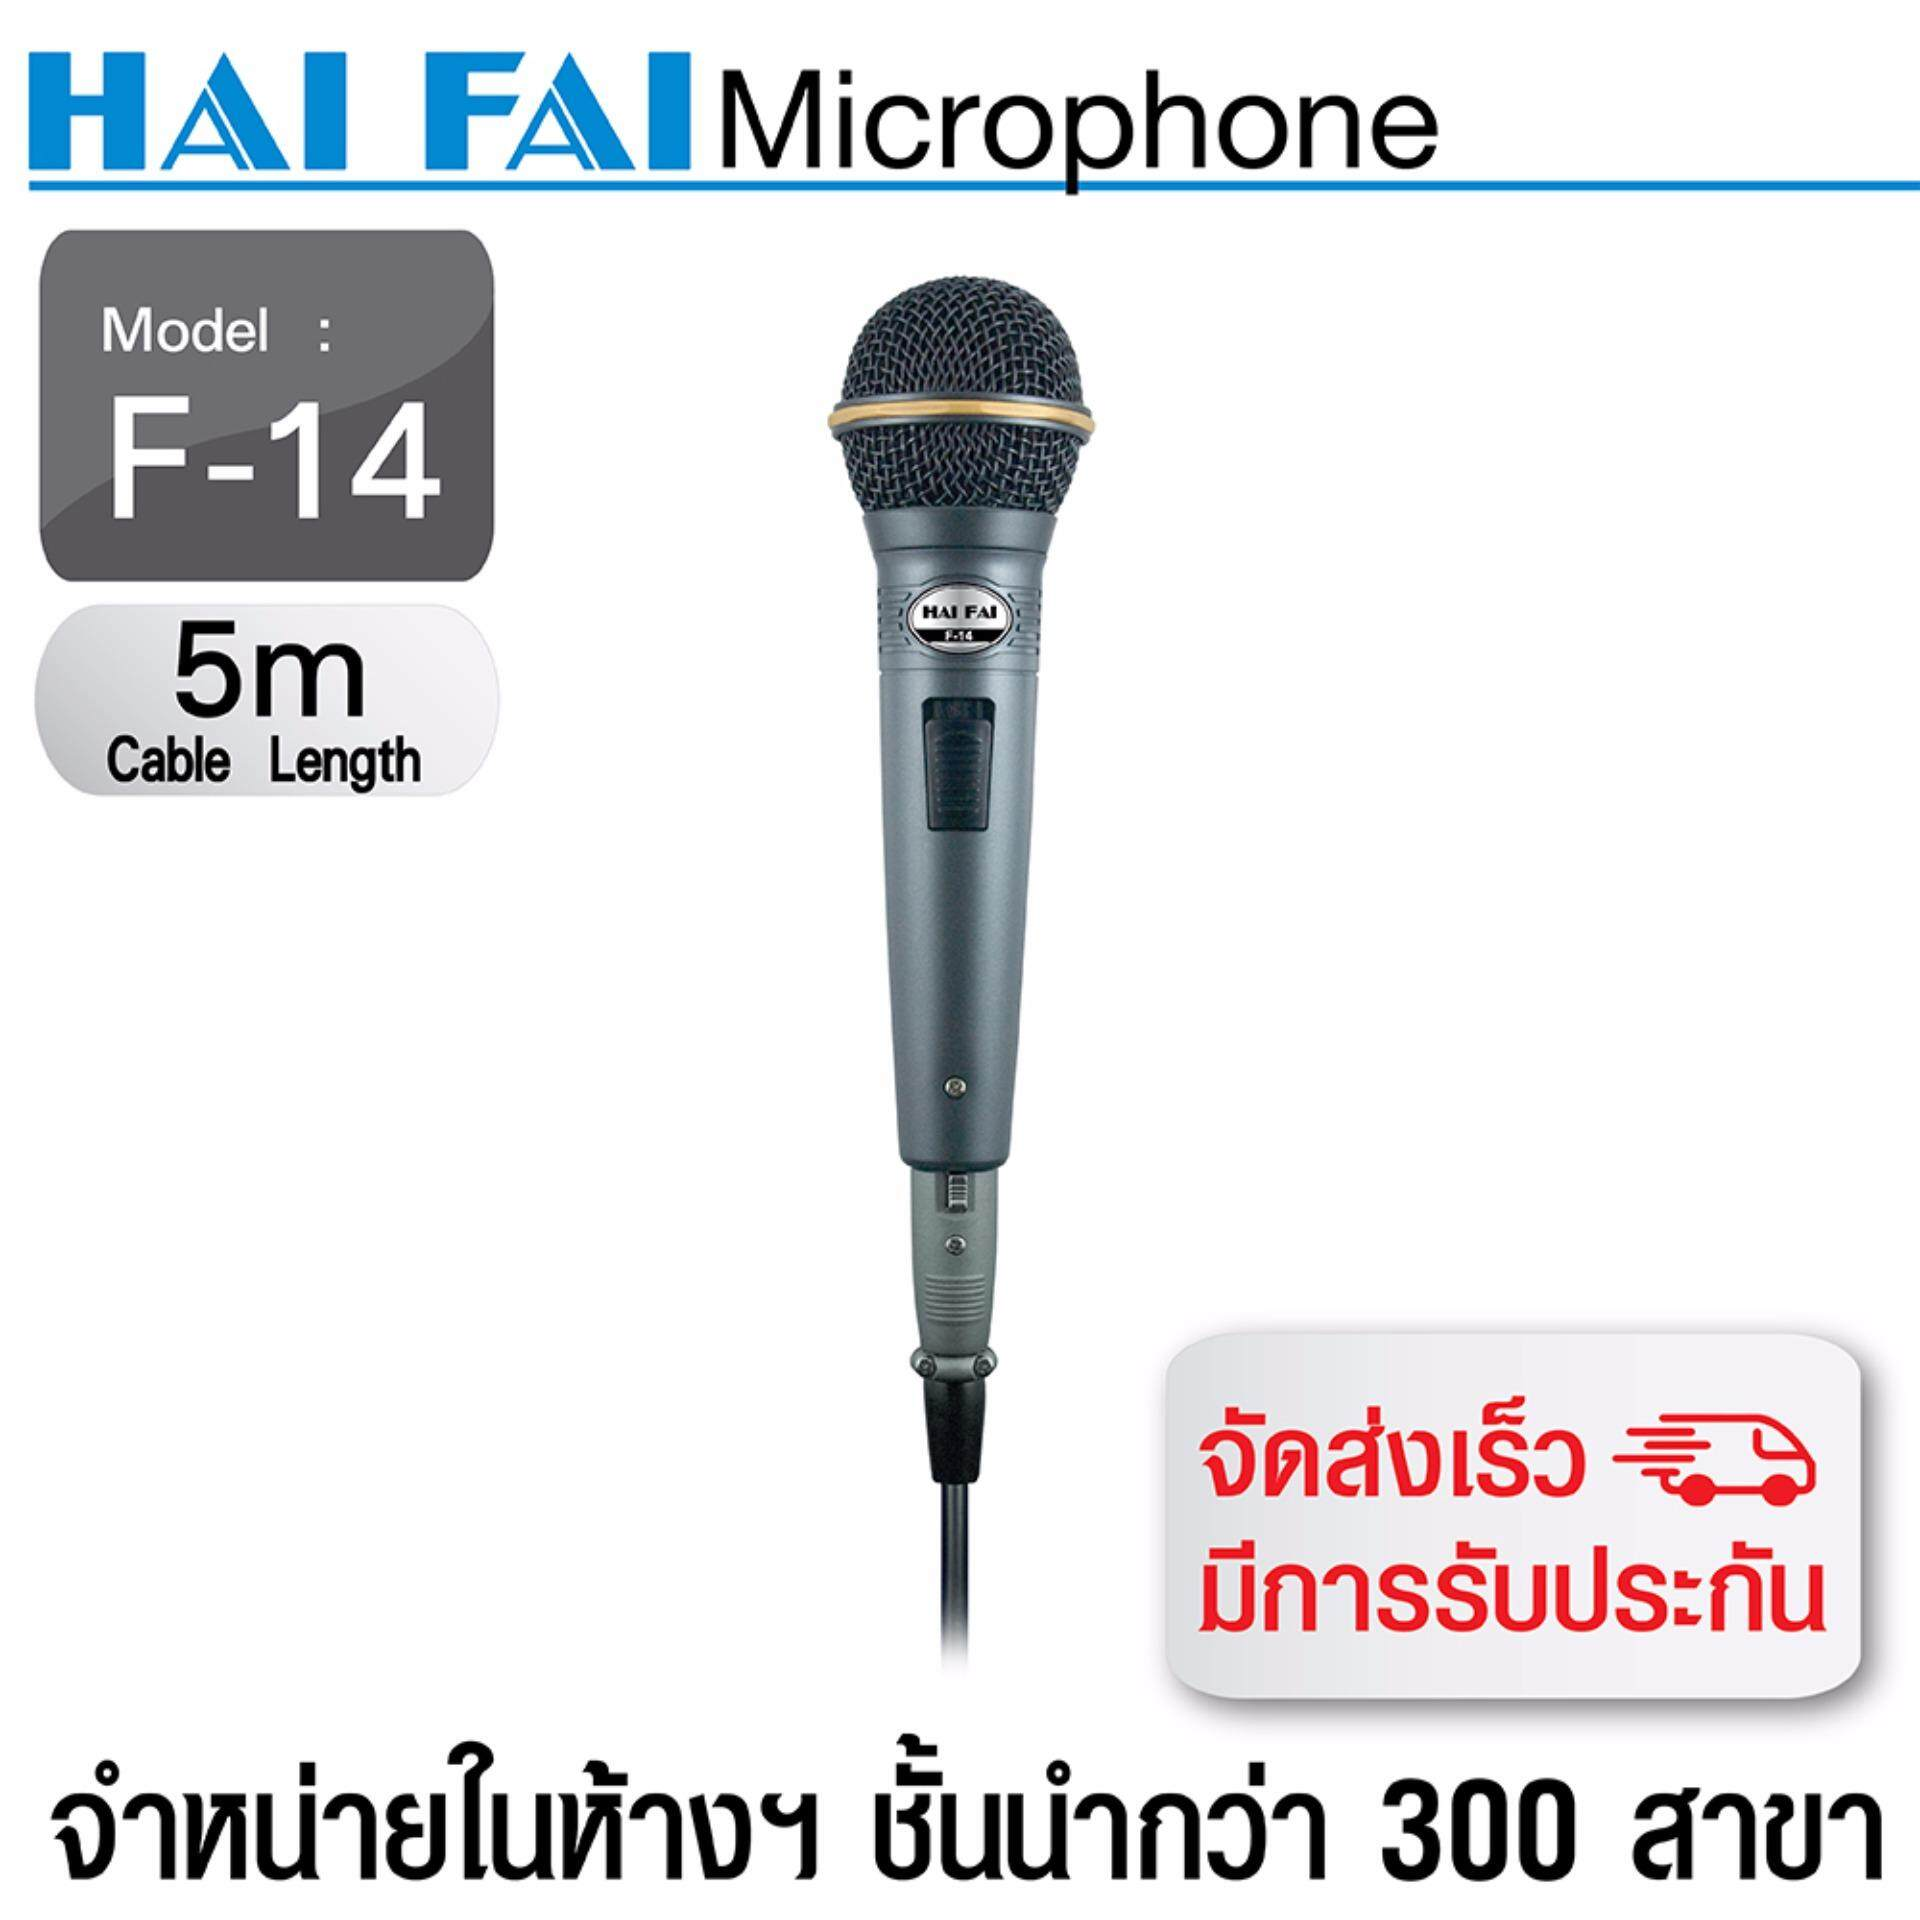 ขาย Haifai ไมโครโฟน สำหรับคาราโอเกะ F 14 สีดำ Thailand ถูก